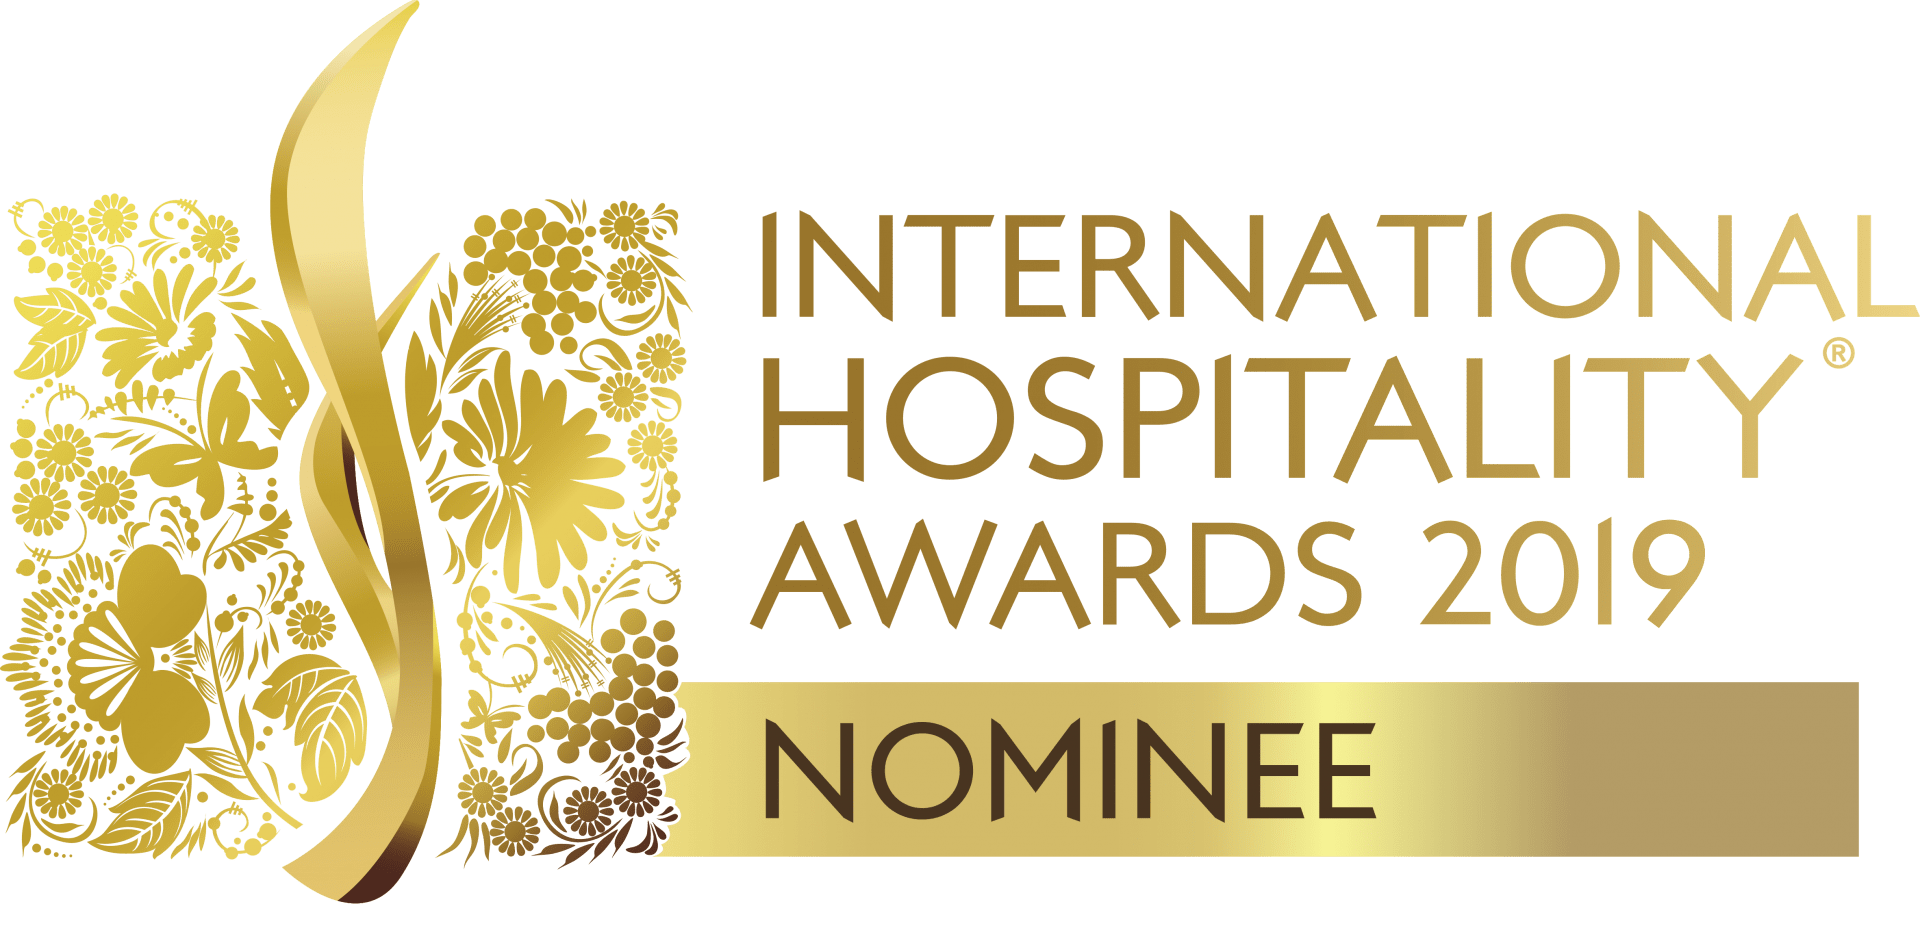 international hospitality awards 2019 nonminee